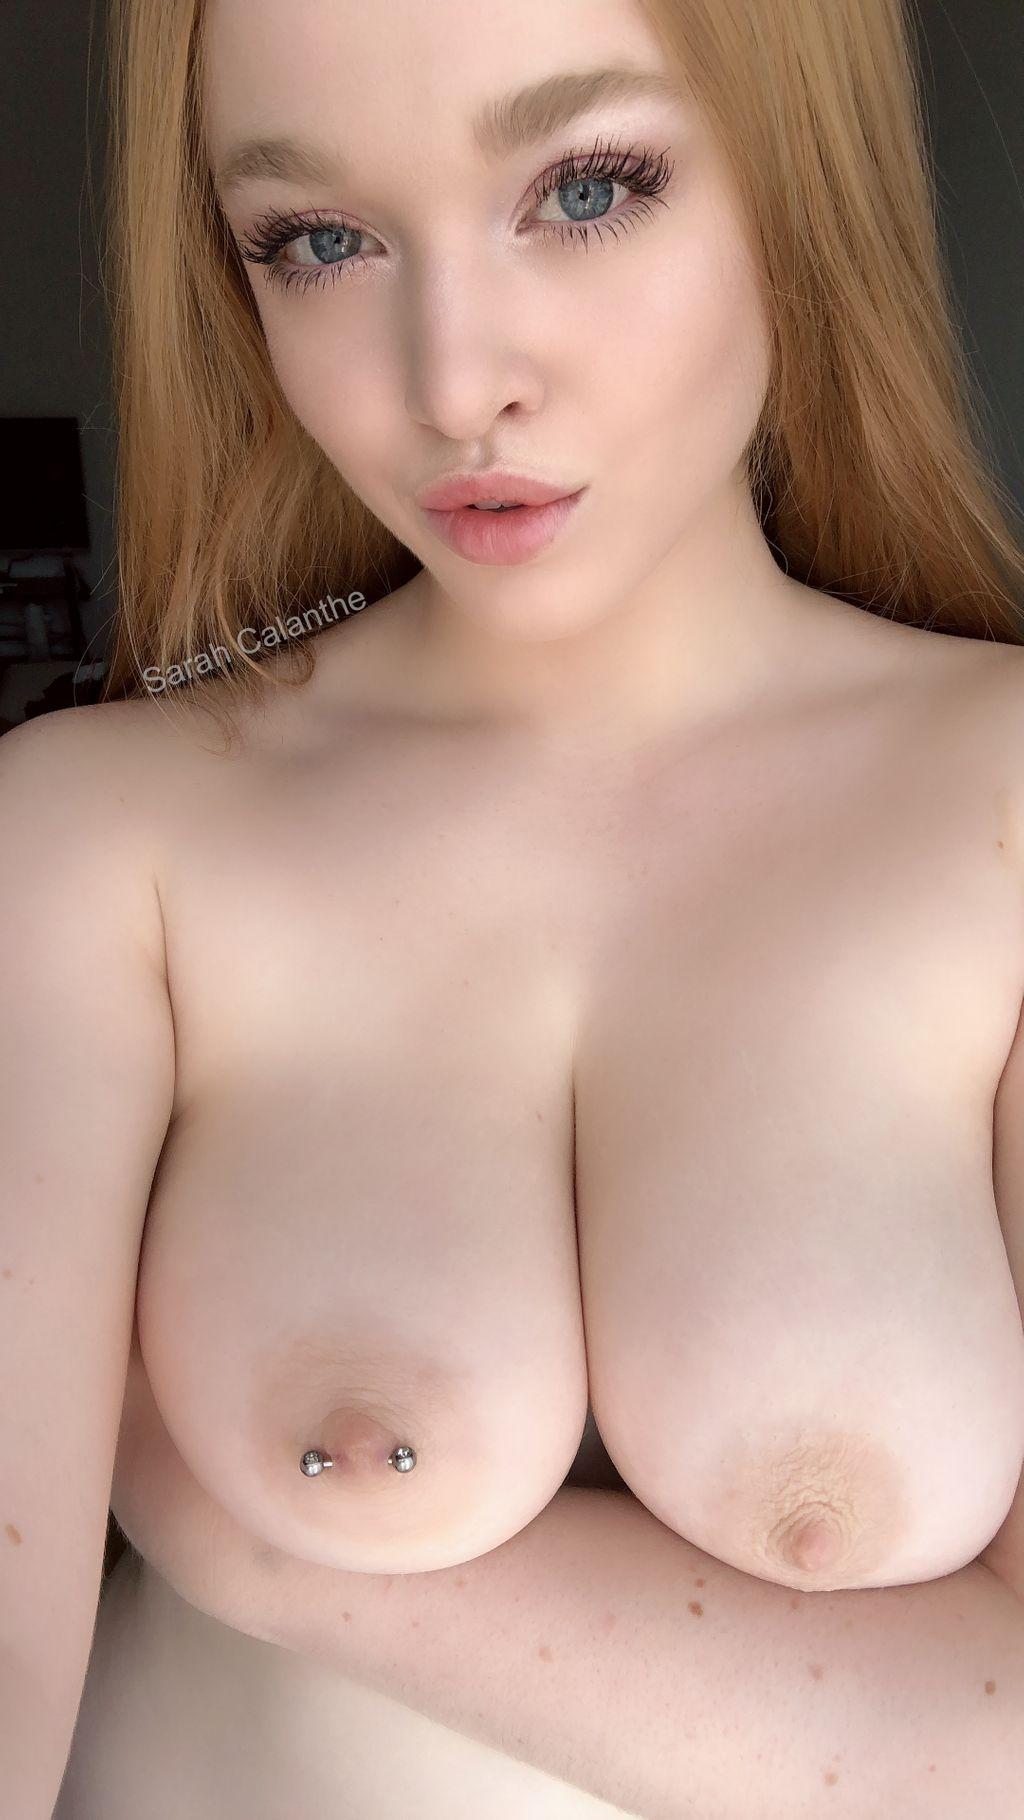 Sarah Calenthe